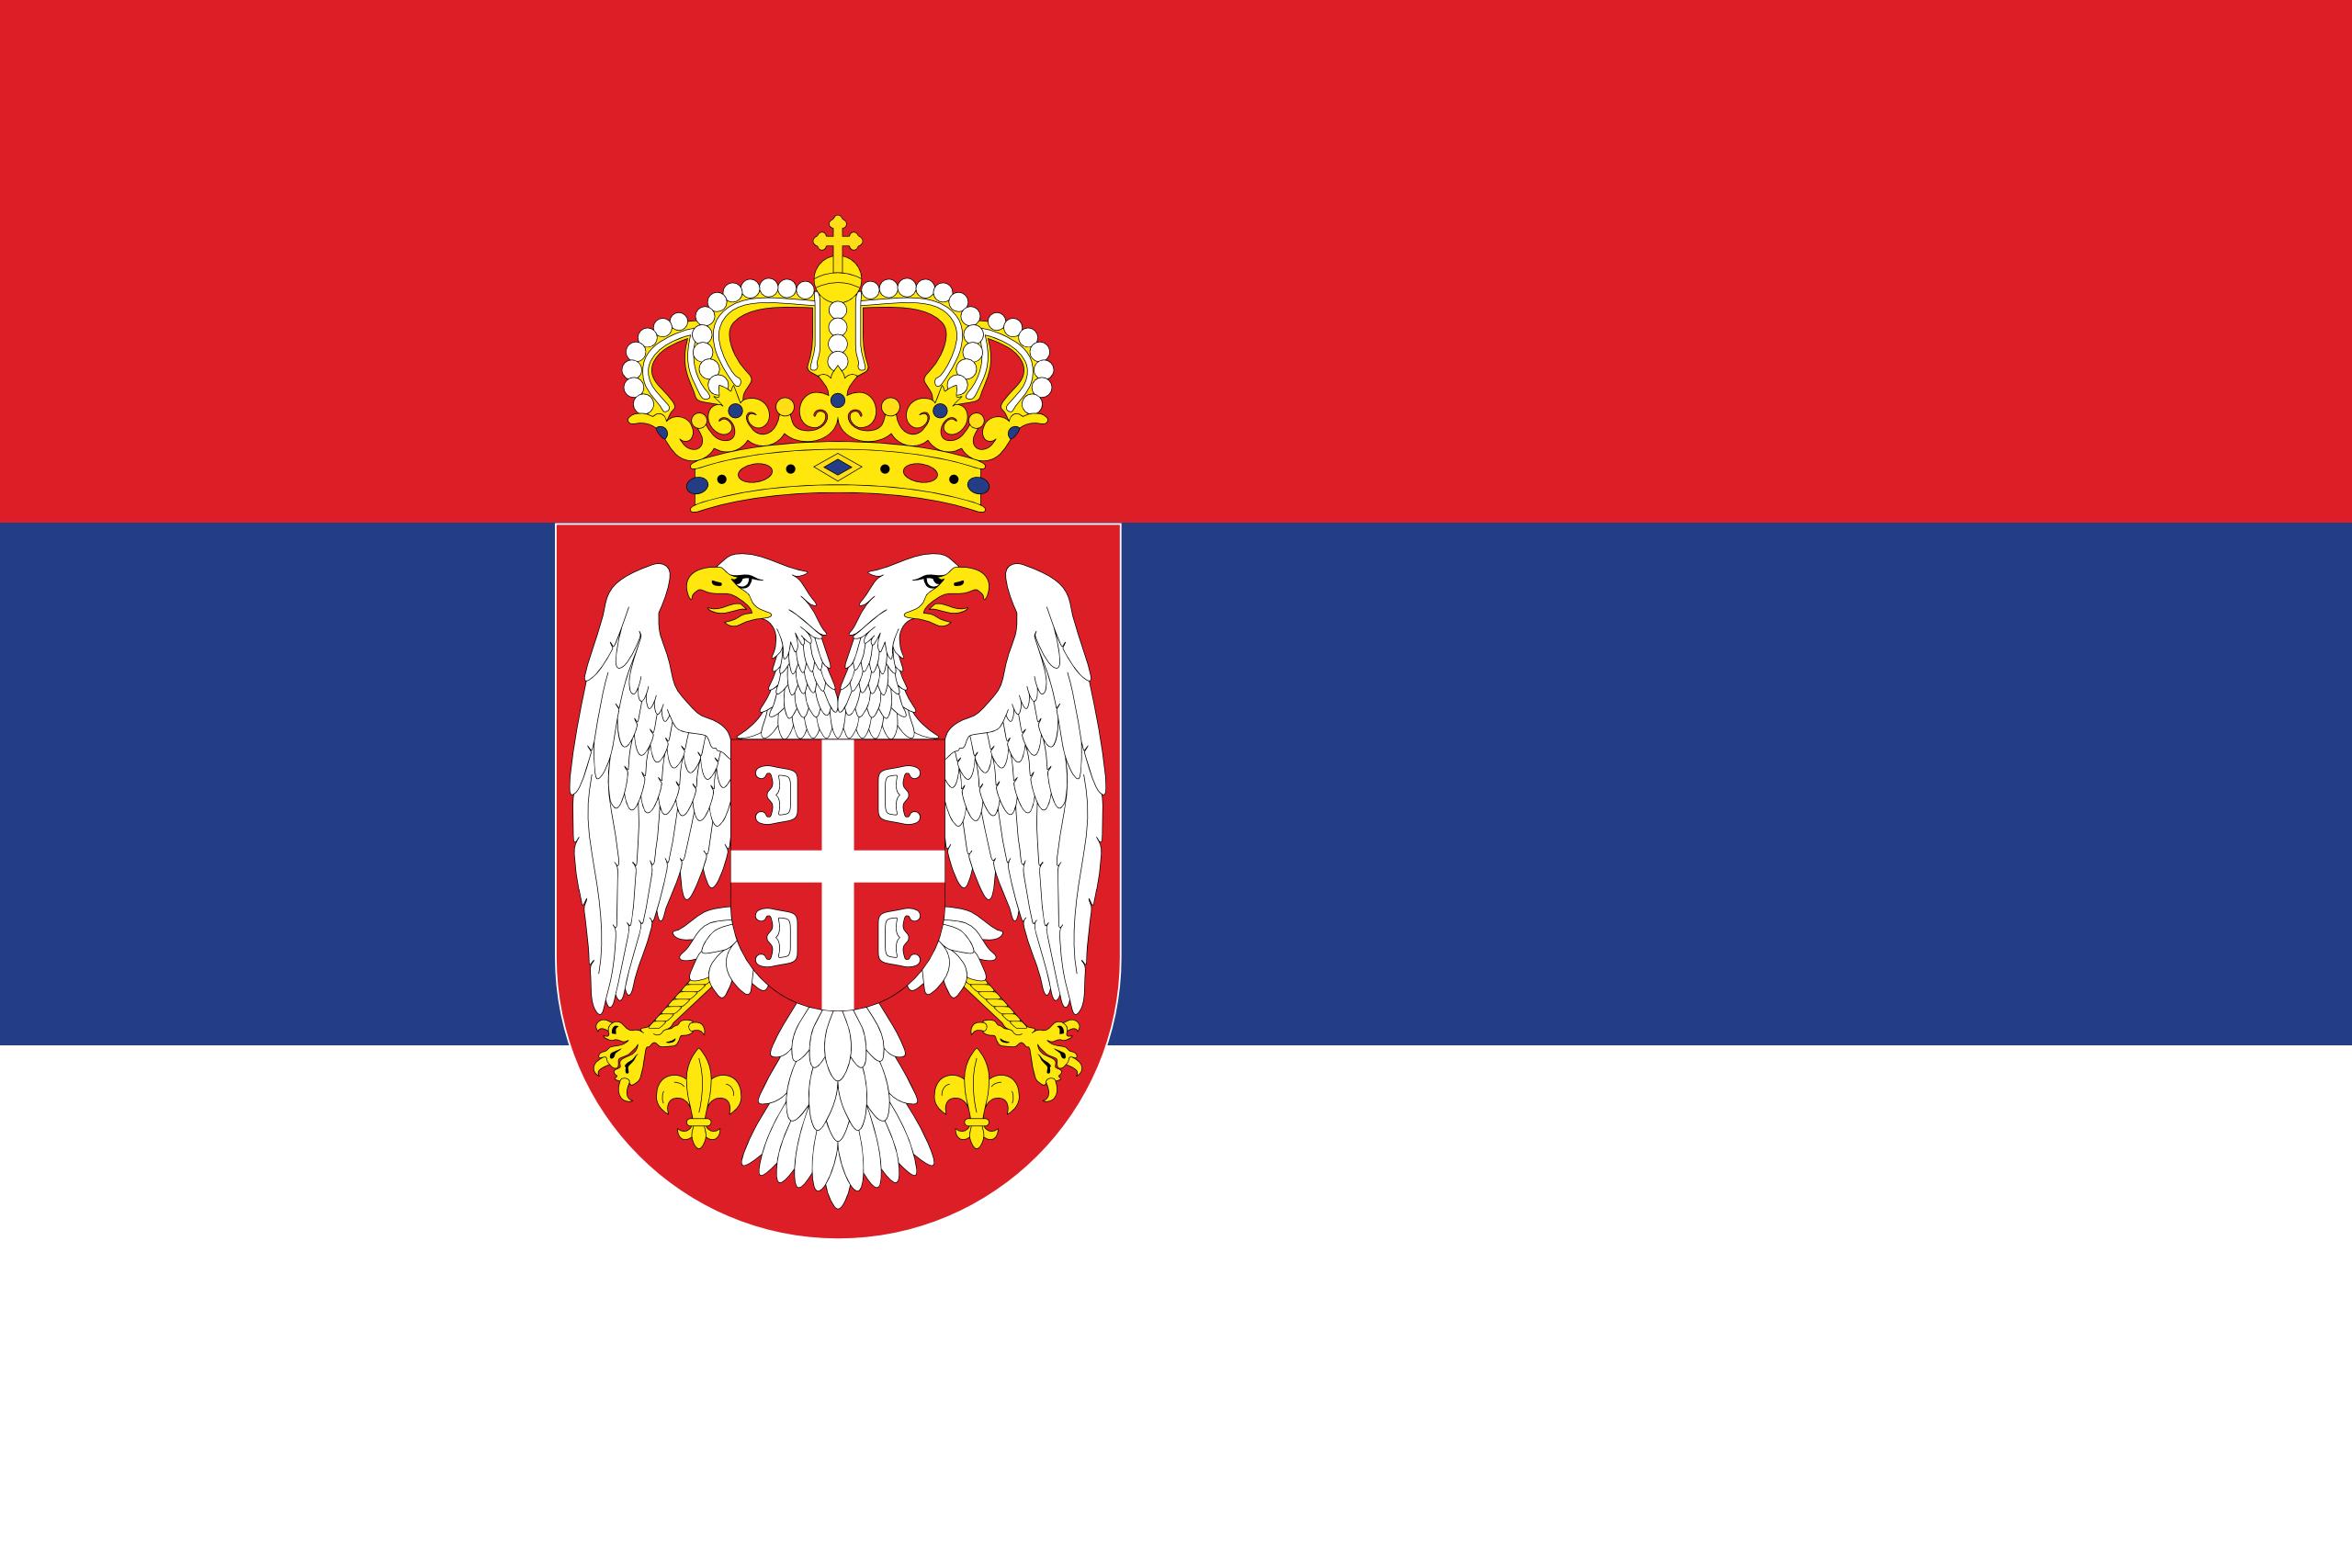 serbia, 国, エンブレム, ロゴ, シンボル - HD の壁紙 - 教授-falken.com